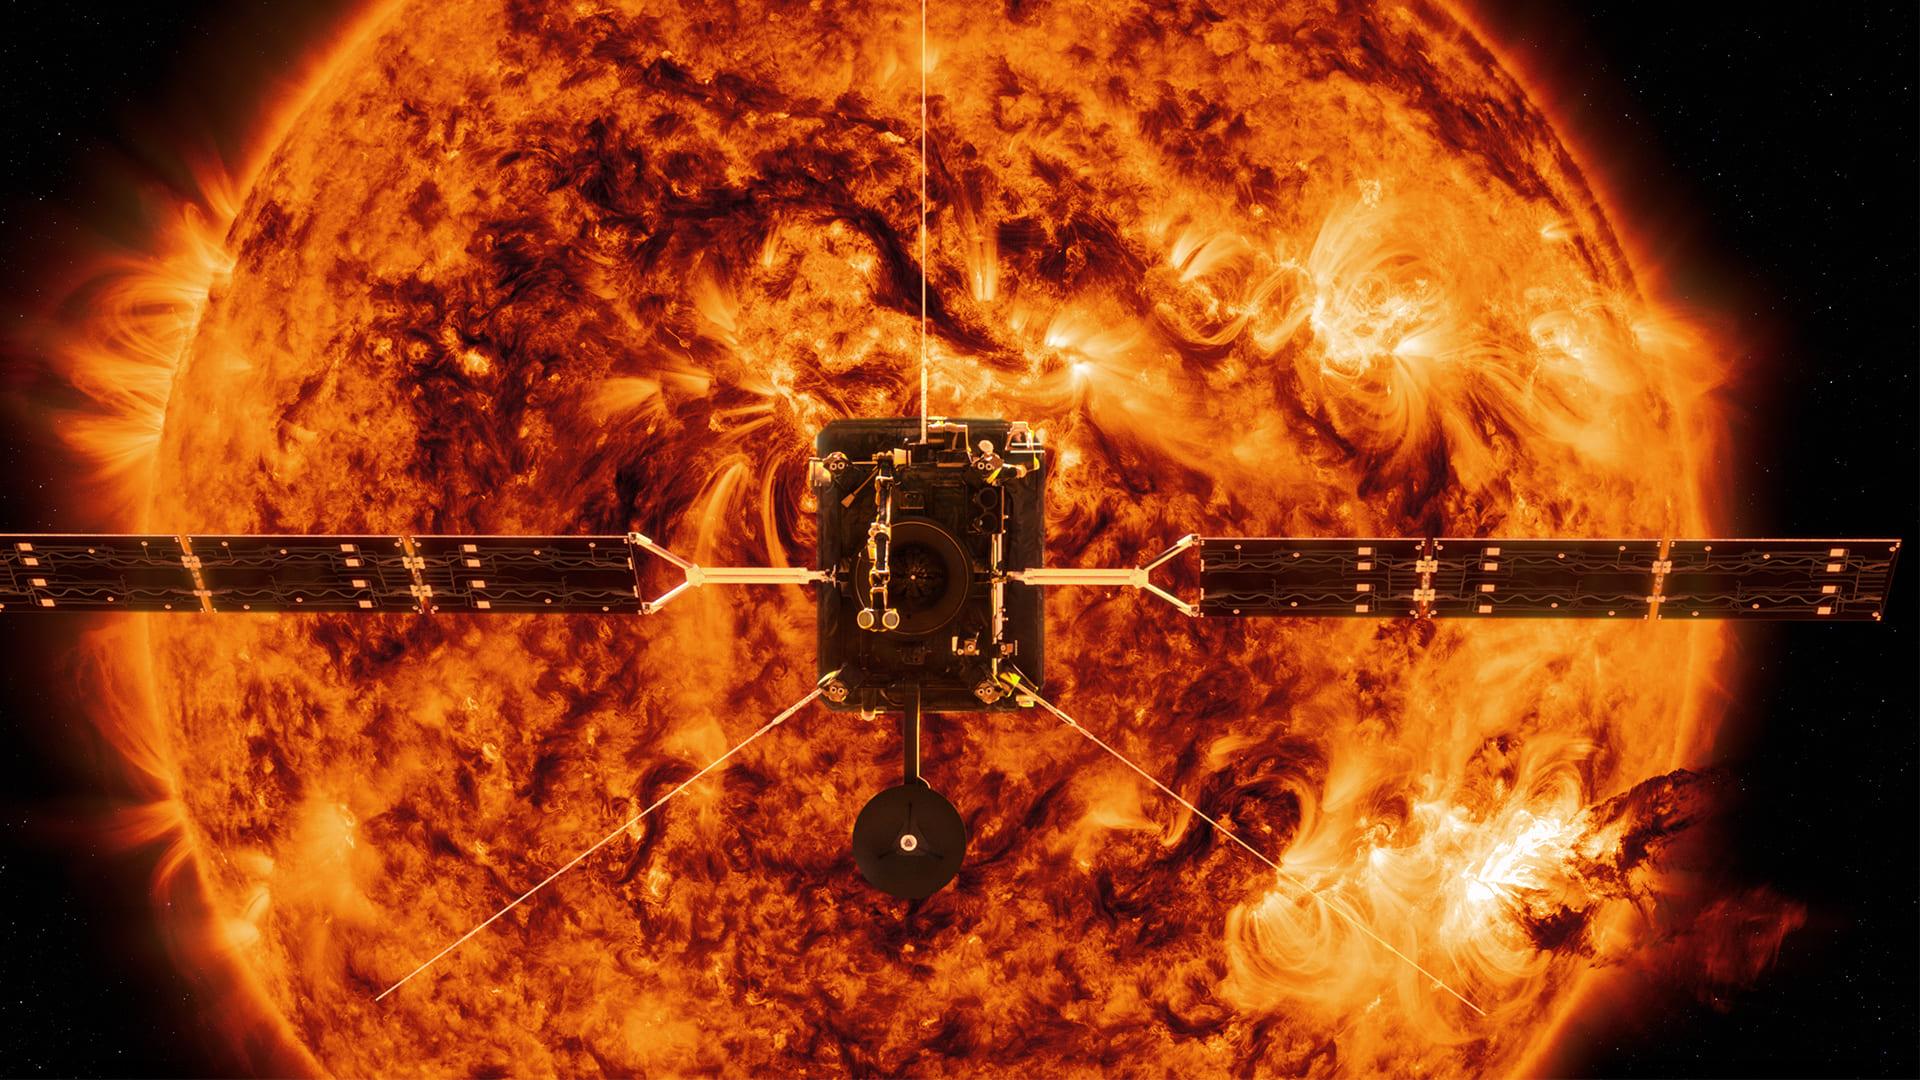 SOLAR ORBITER: INIZIATO IL VIAGGIO VERSO IL SOLE